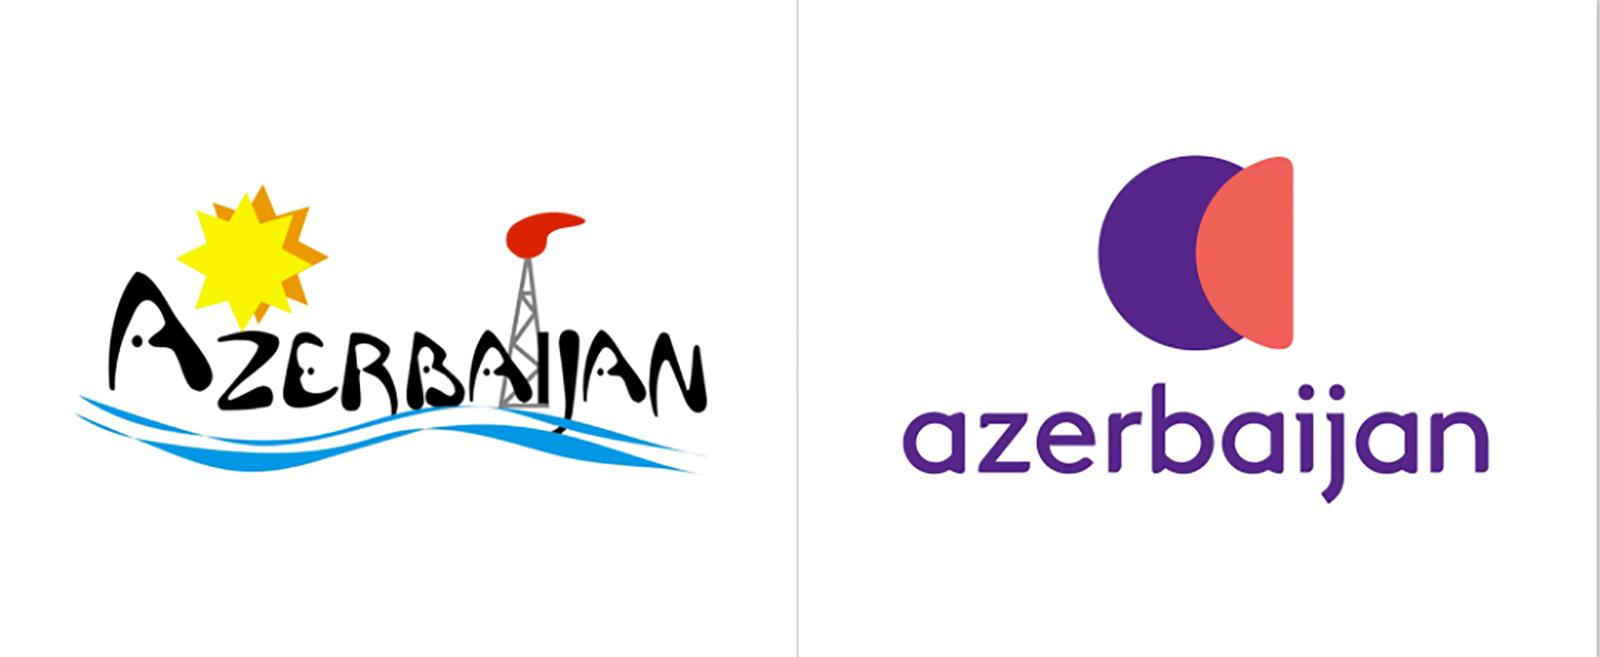 浪涛为阿塞拜疆旅游形象创造新的标志logo-VI设计